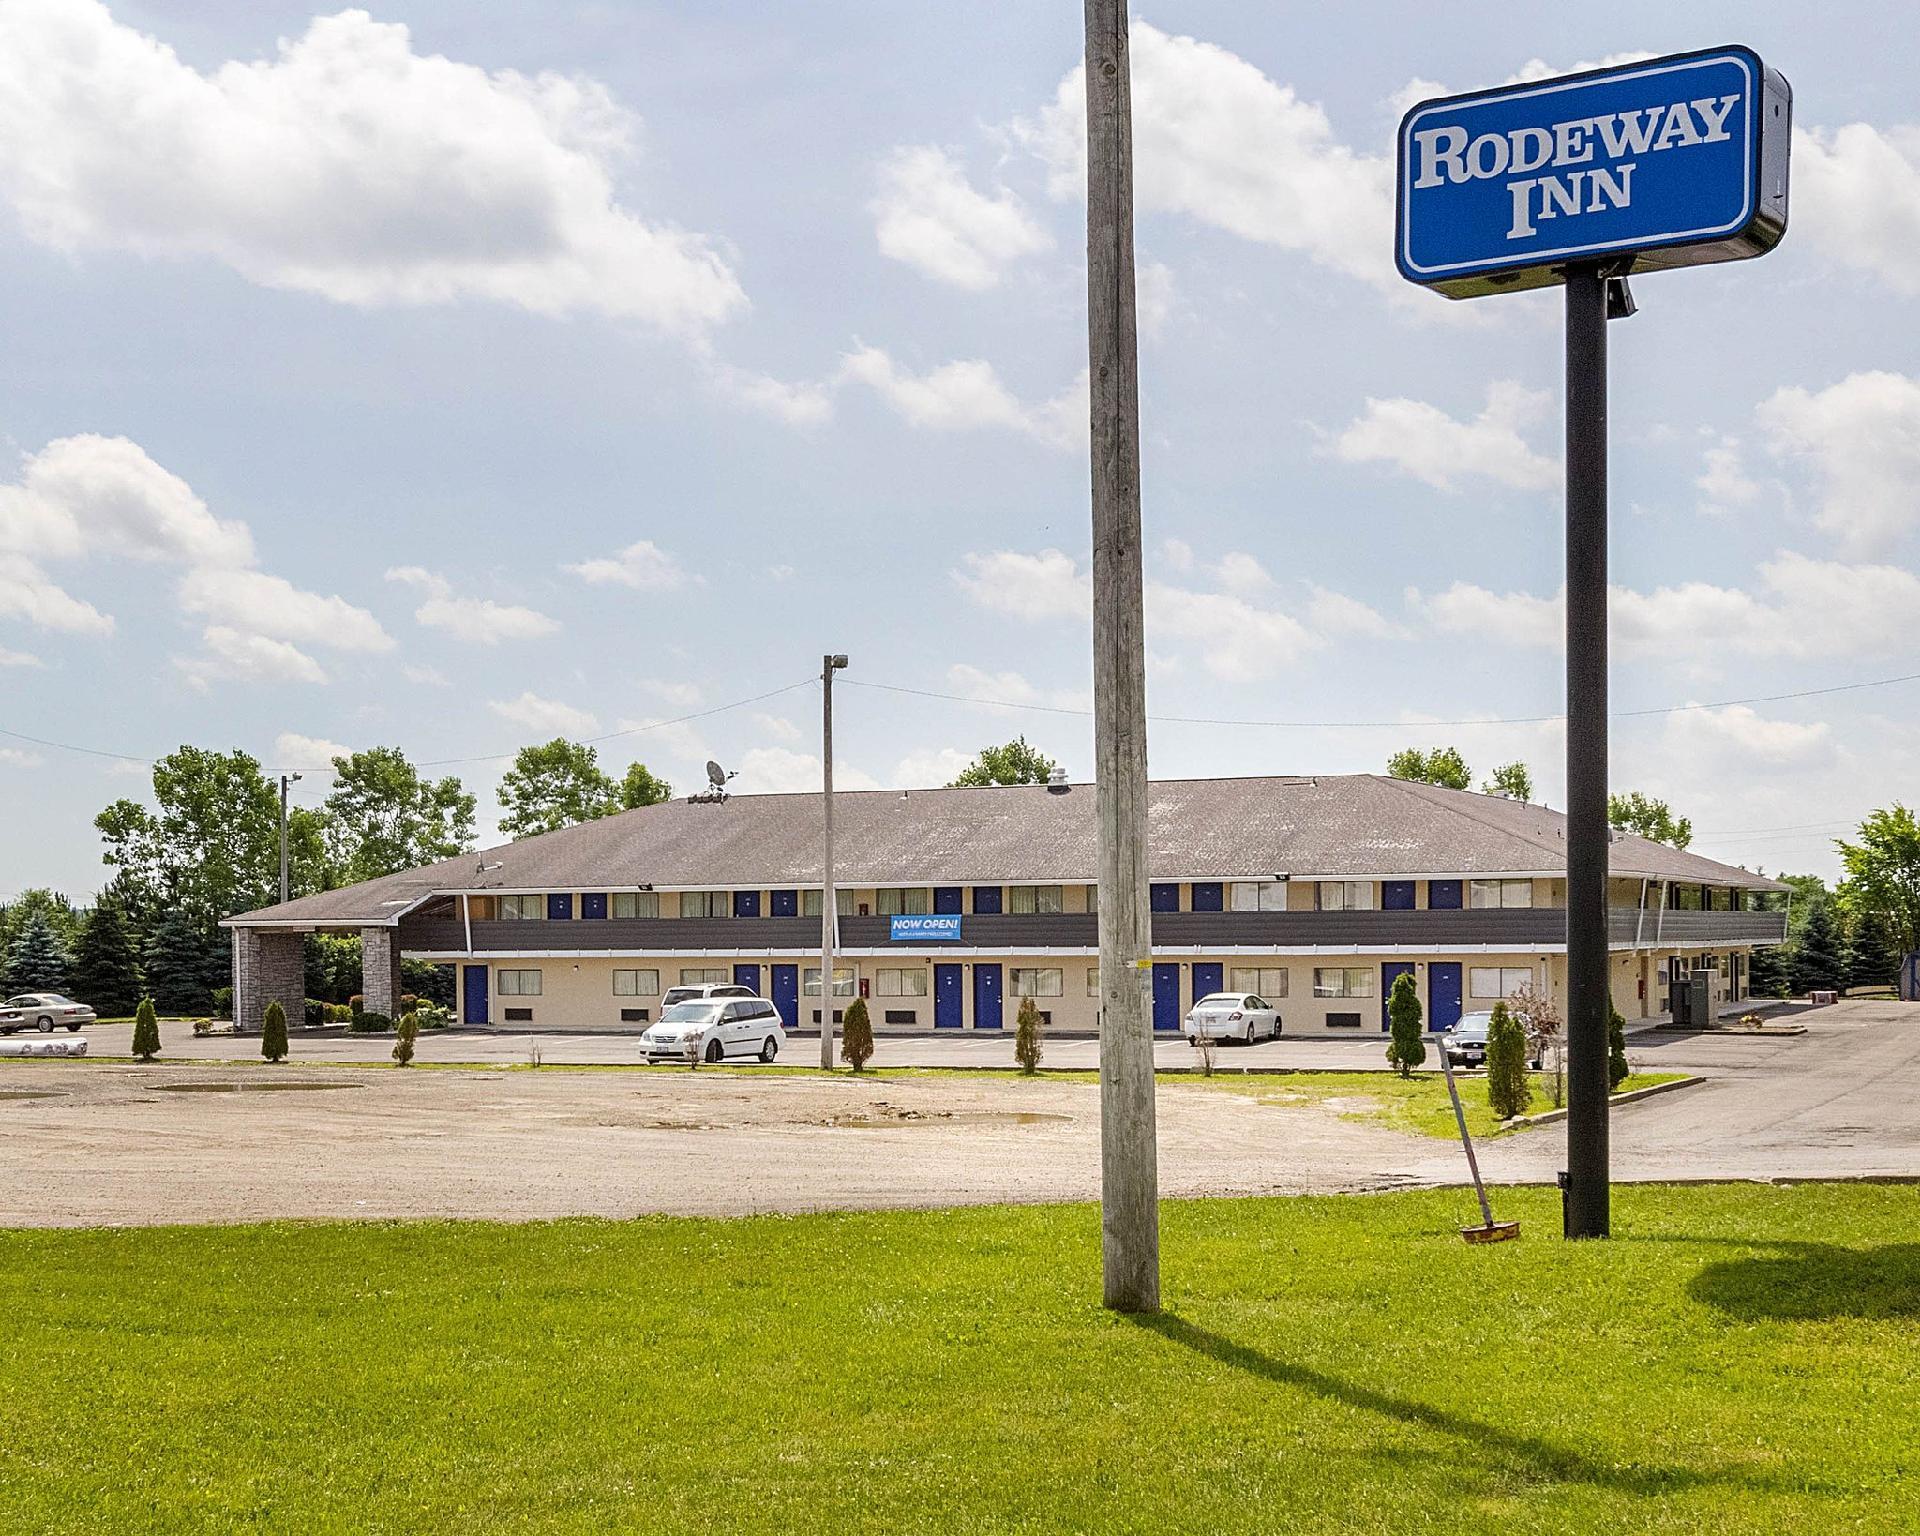 Rodeway Inn, Ashland